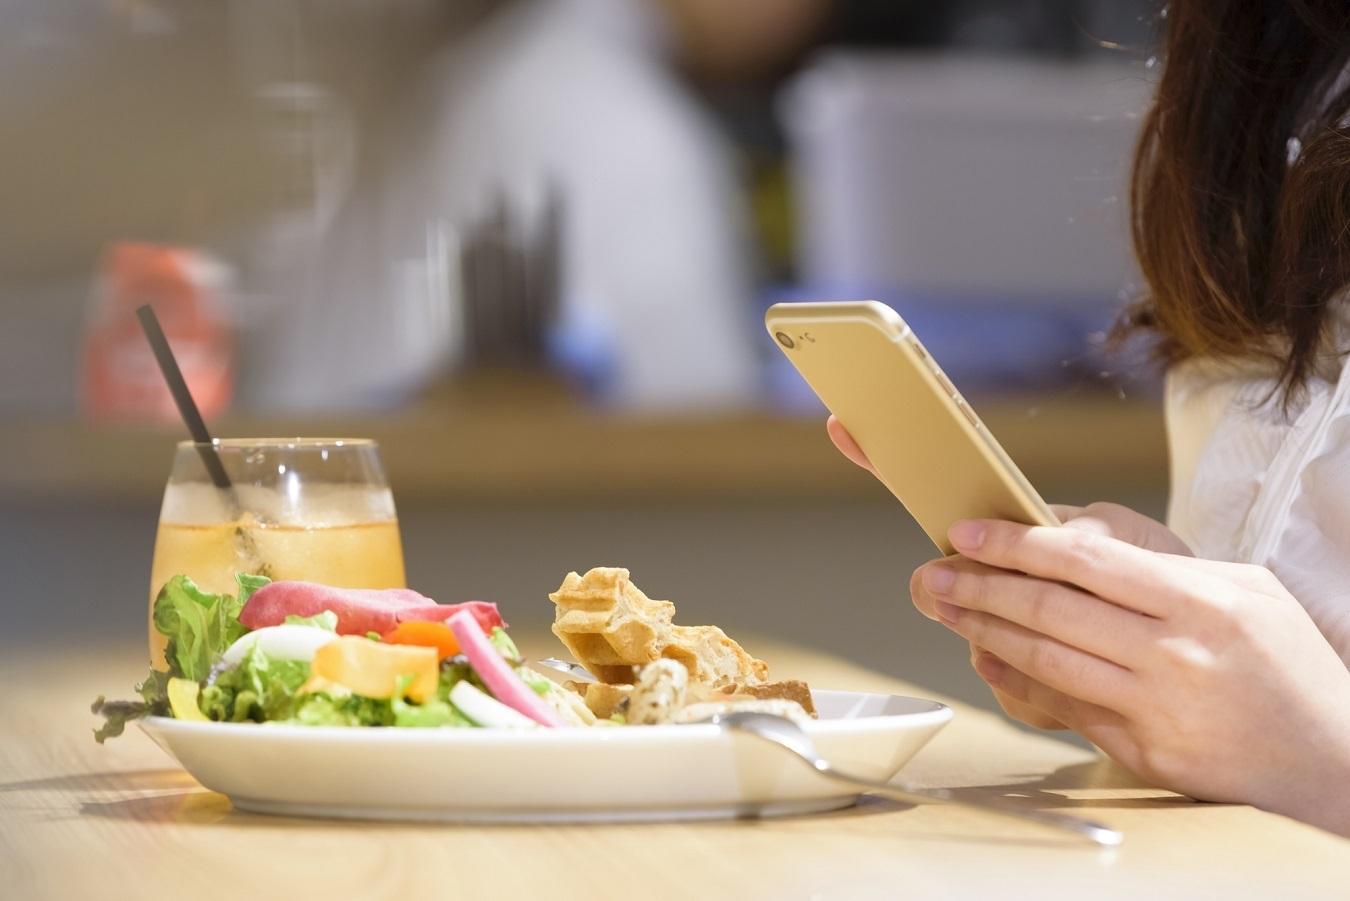 栄養指導はAIに任せる時代がくる?未来の食生活と健康